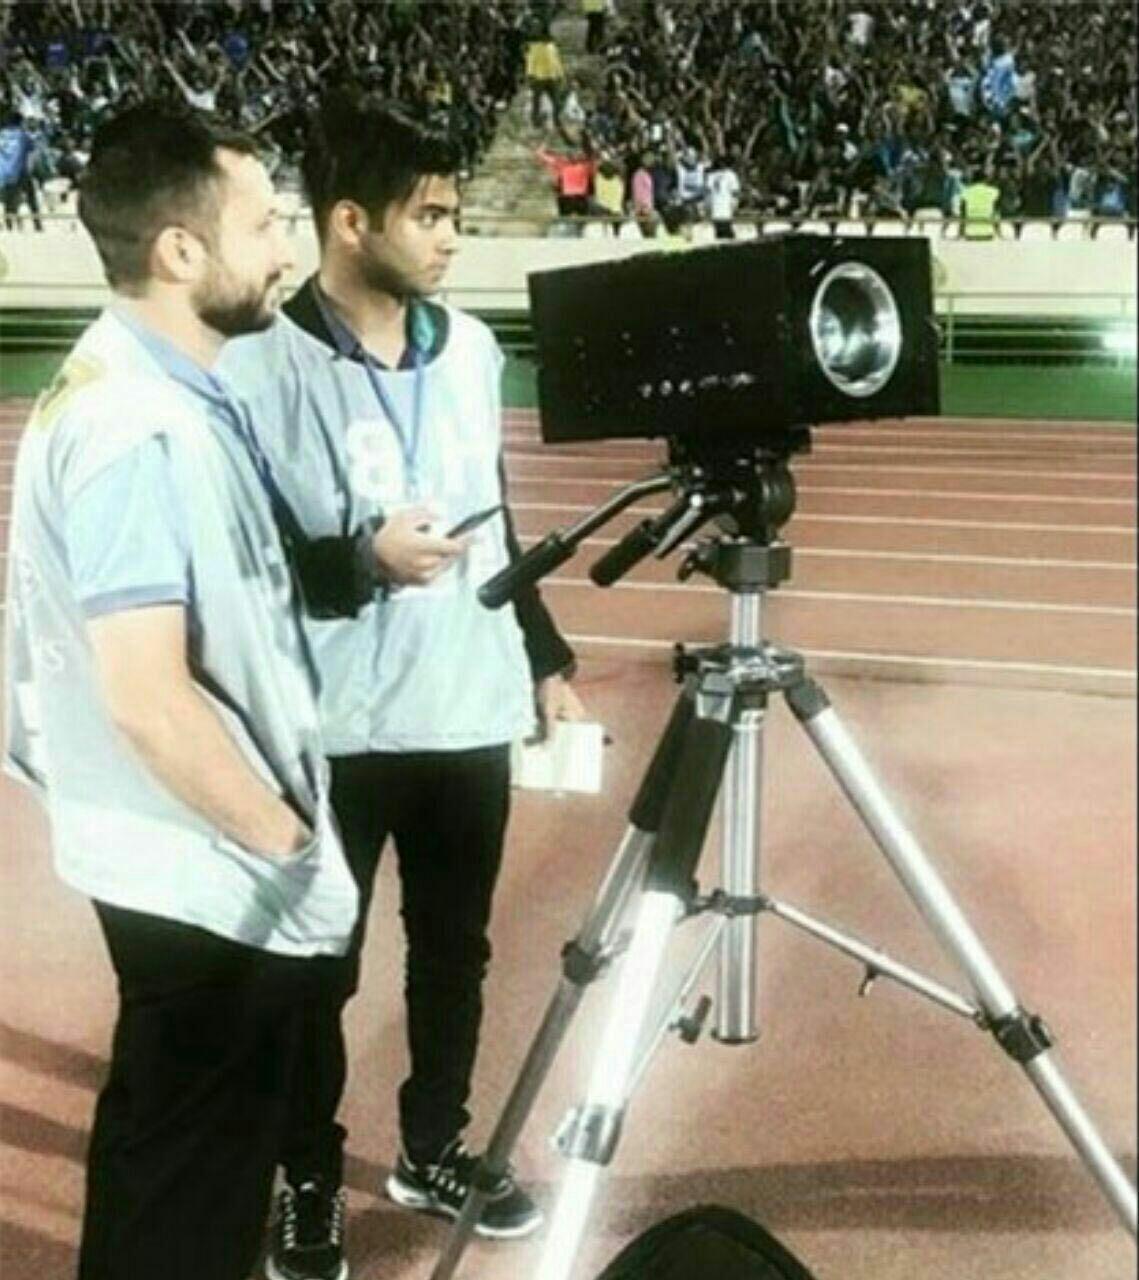 تا پایان نیمه نخست؛ استقلال تهران 0 - العین امارات 0 + پخش زنده و حاشیه ها